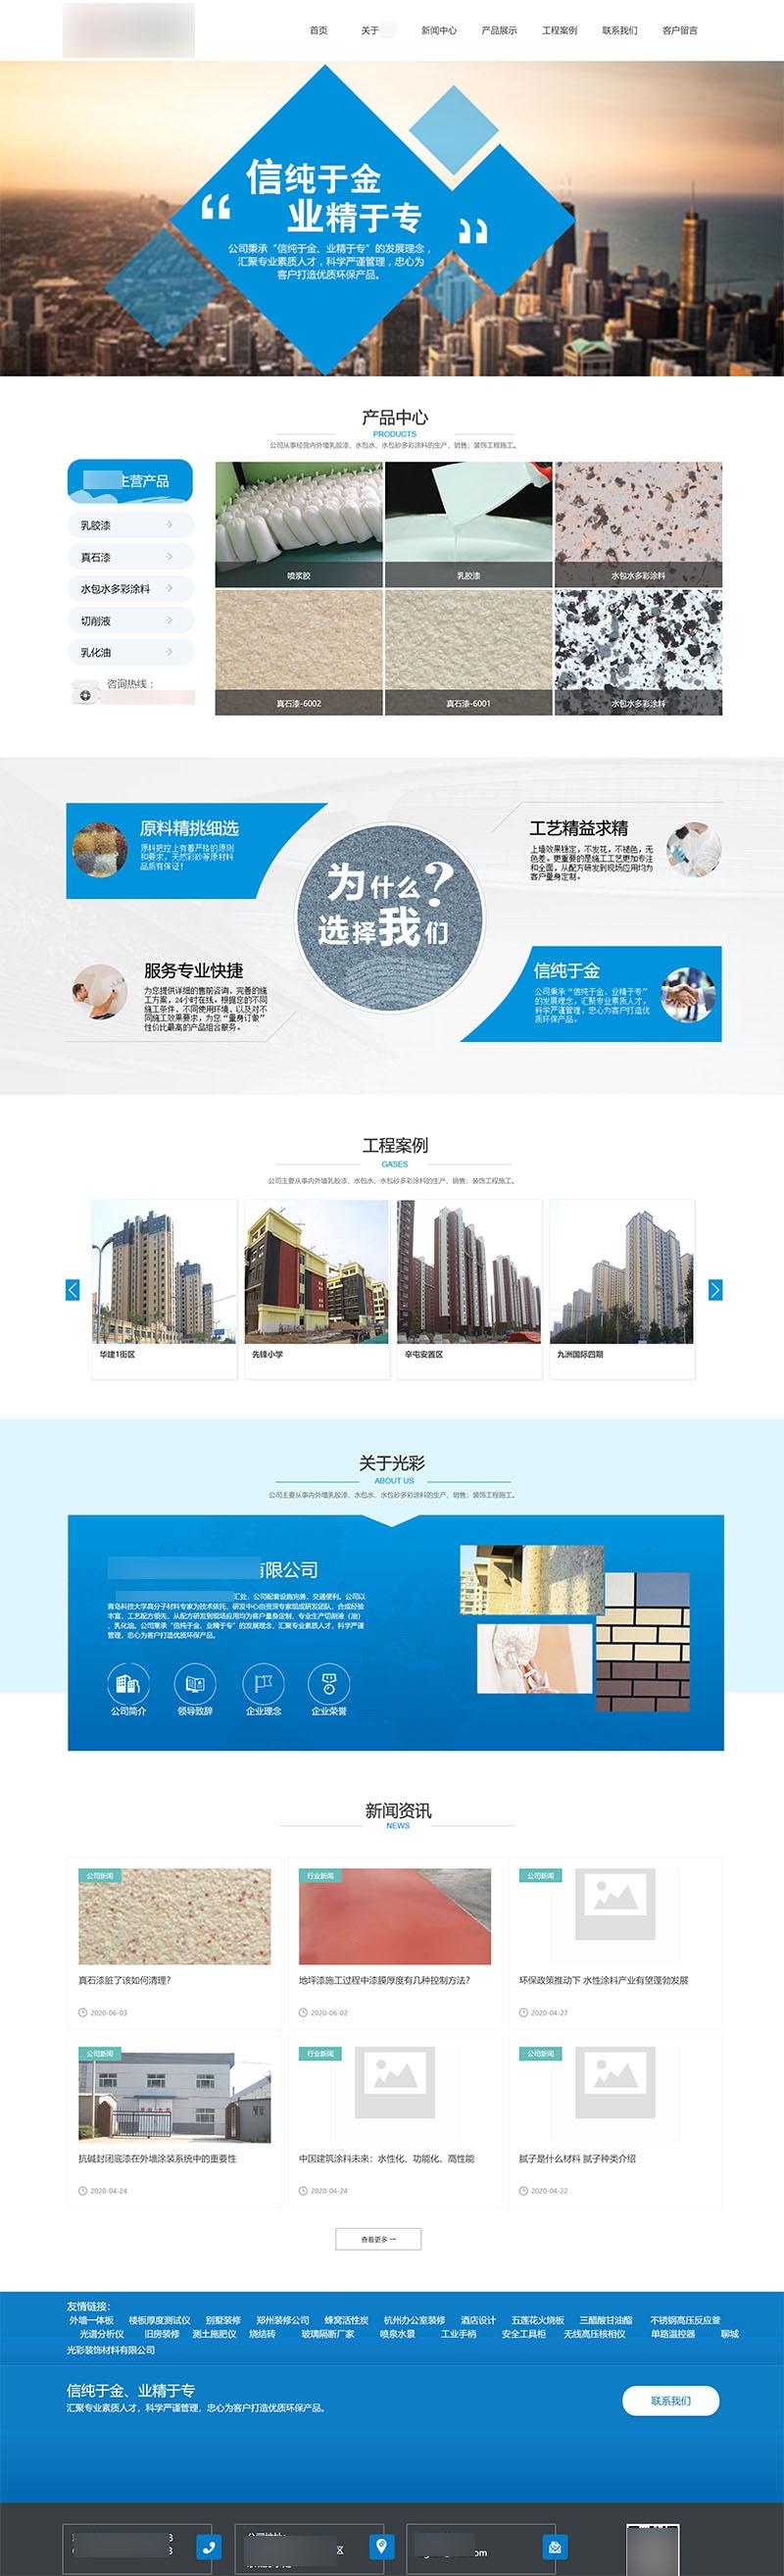 涂料行业-乳胶漆企业网站建设